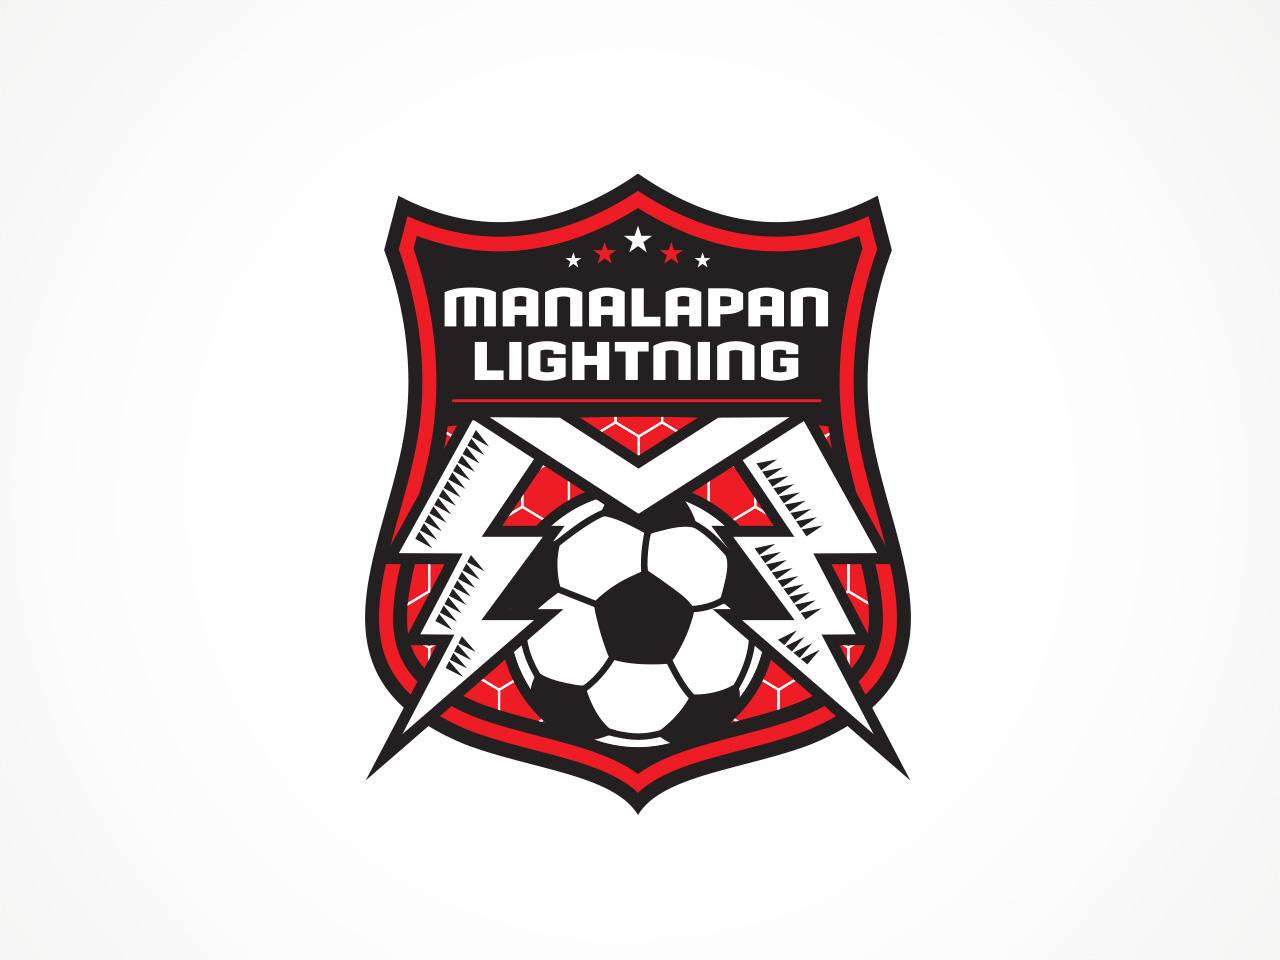 Manalapan Lightning logo